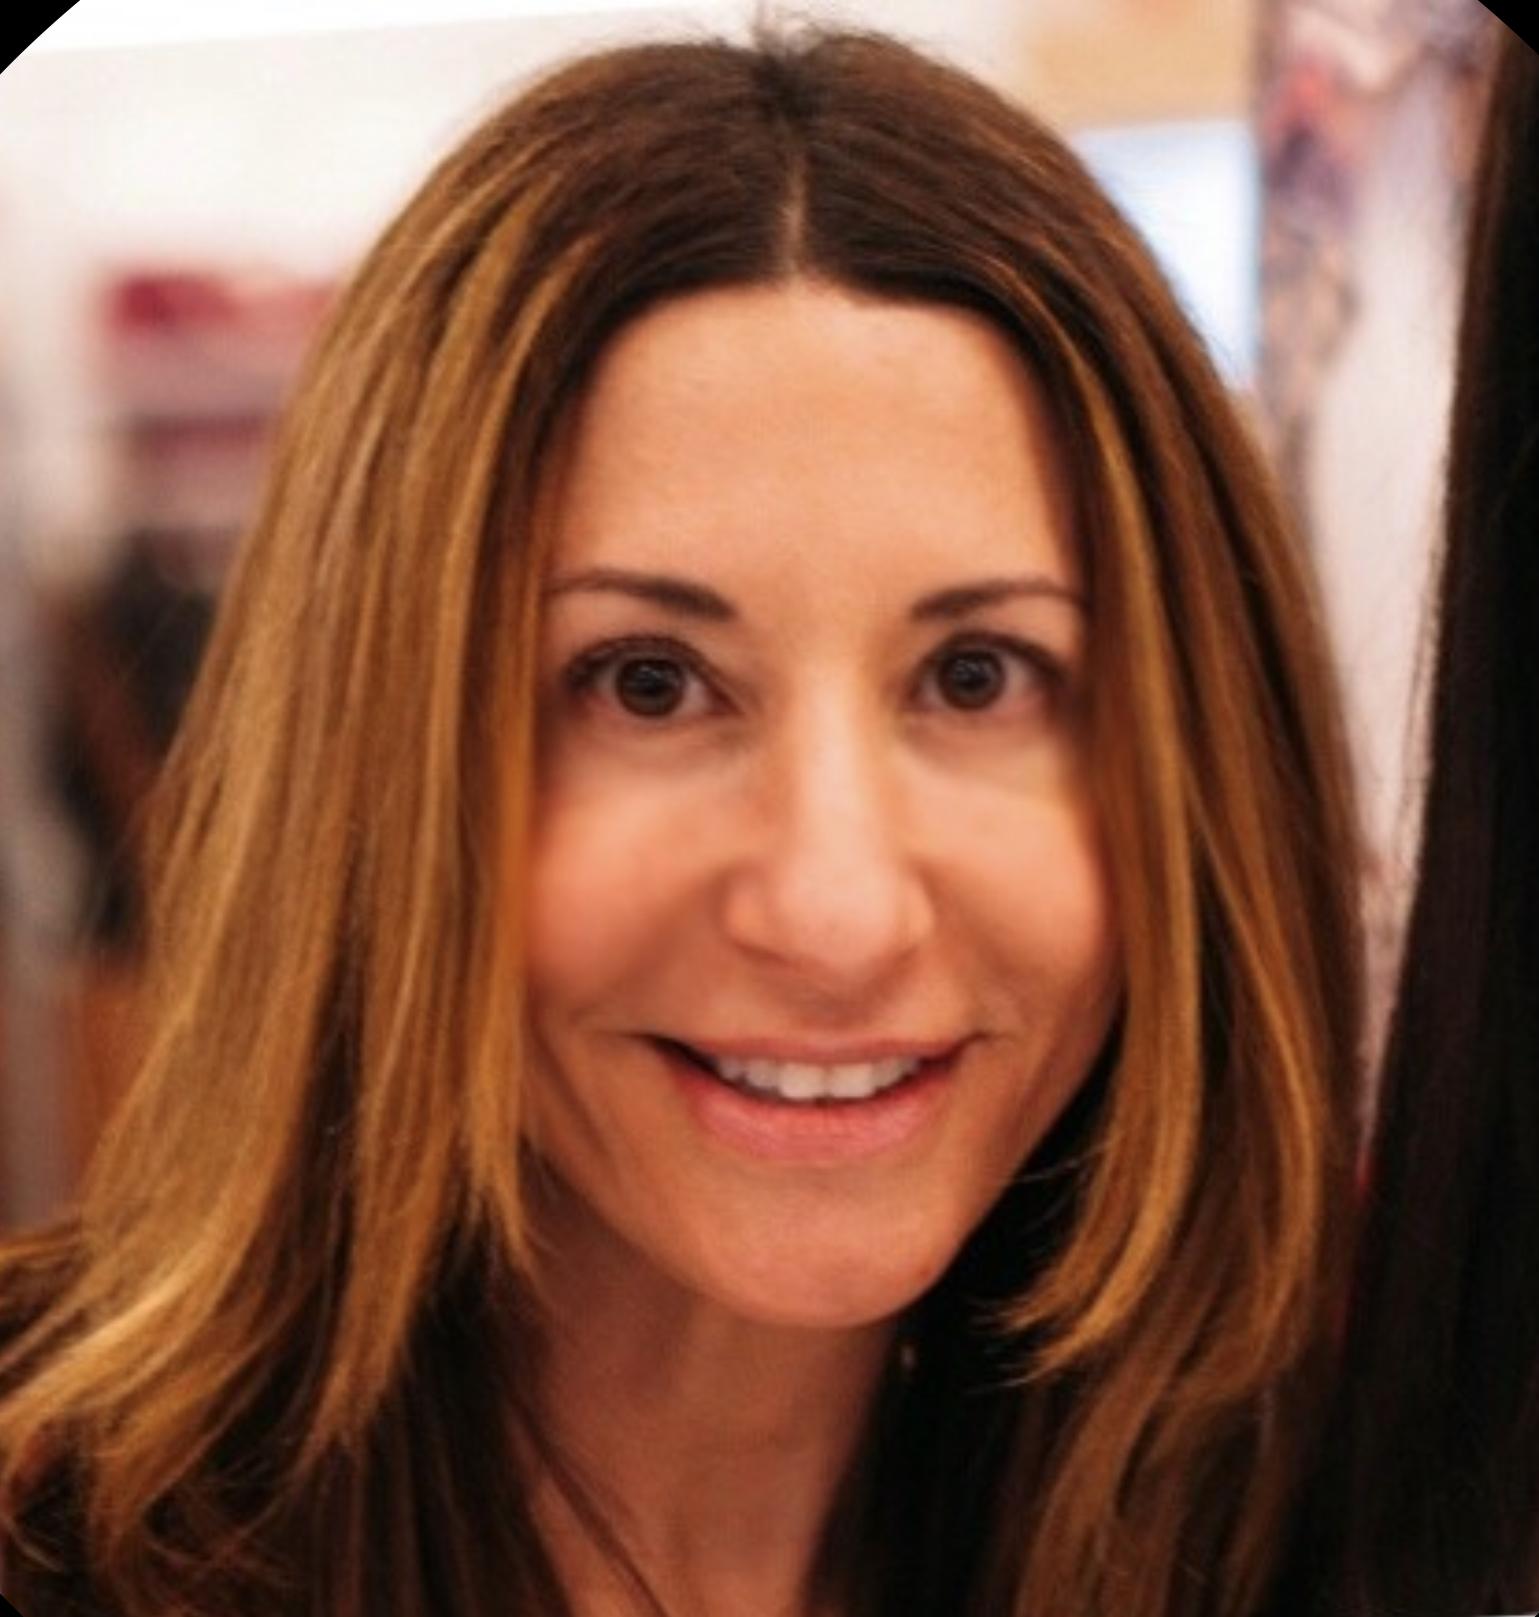 Stephanie Diana